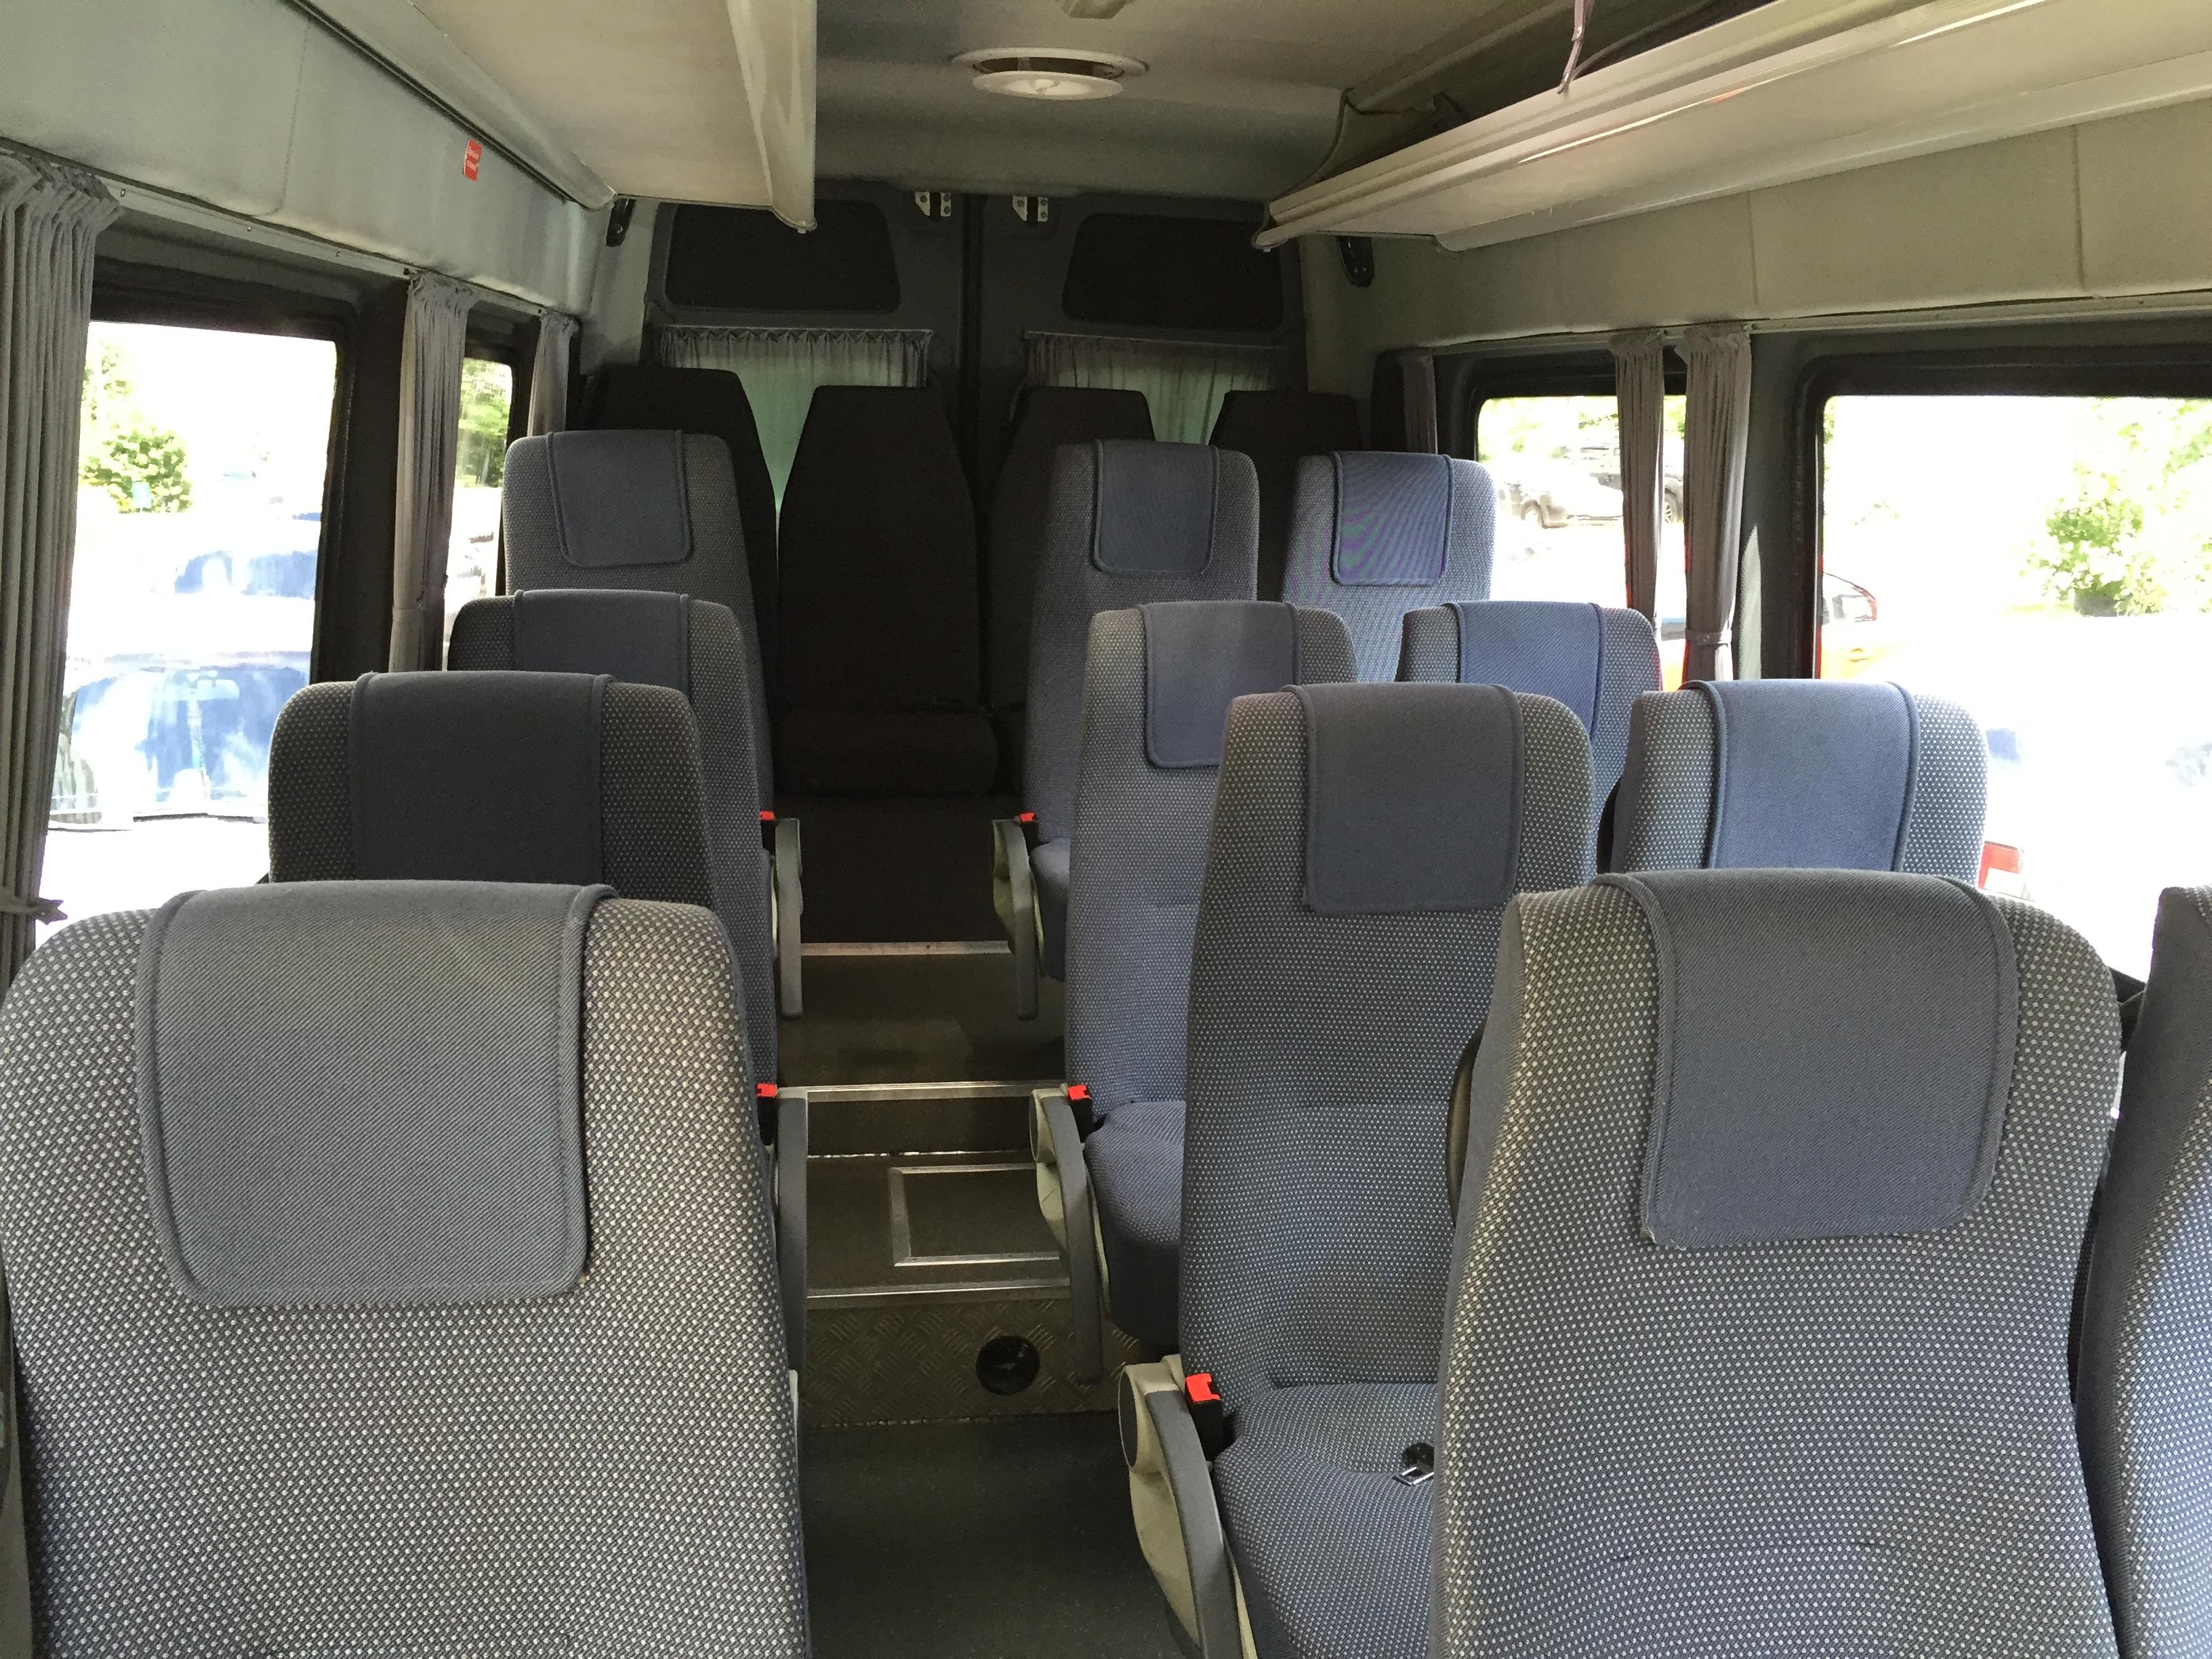 Заказ автобуса Mercedes-Benz Sprinter в Казани